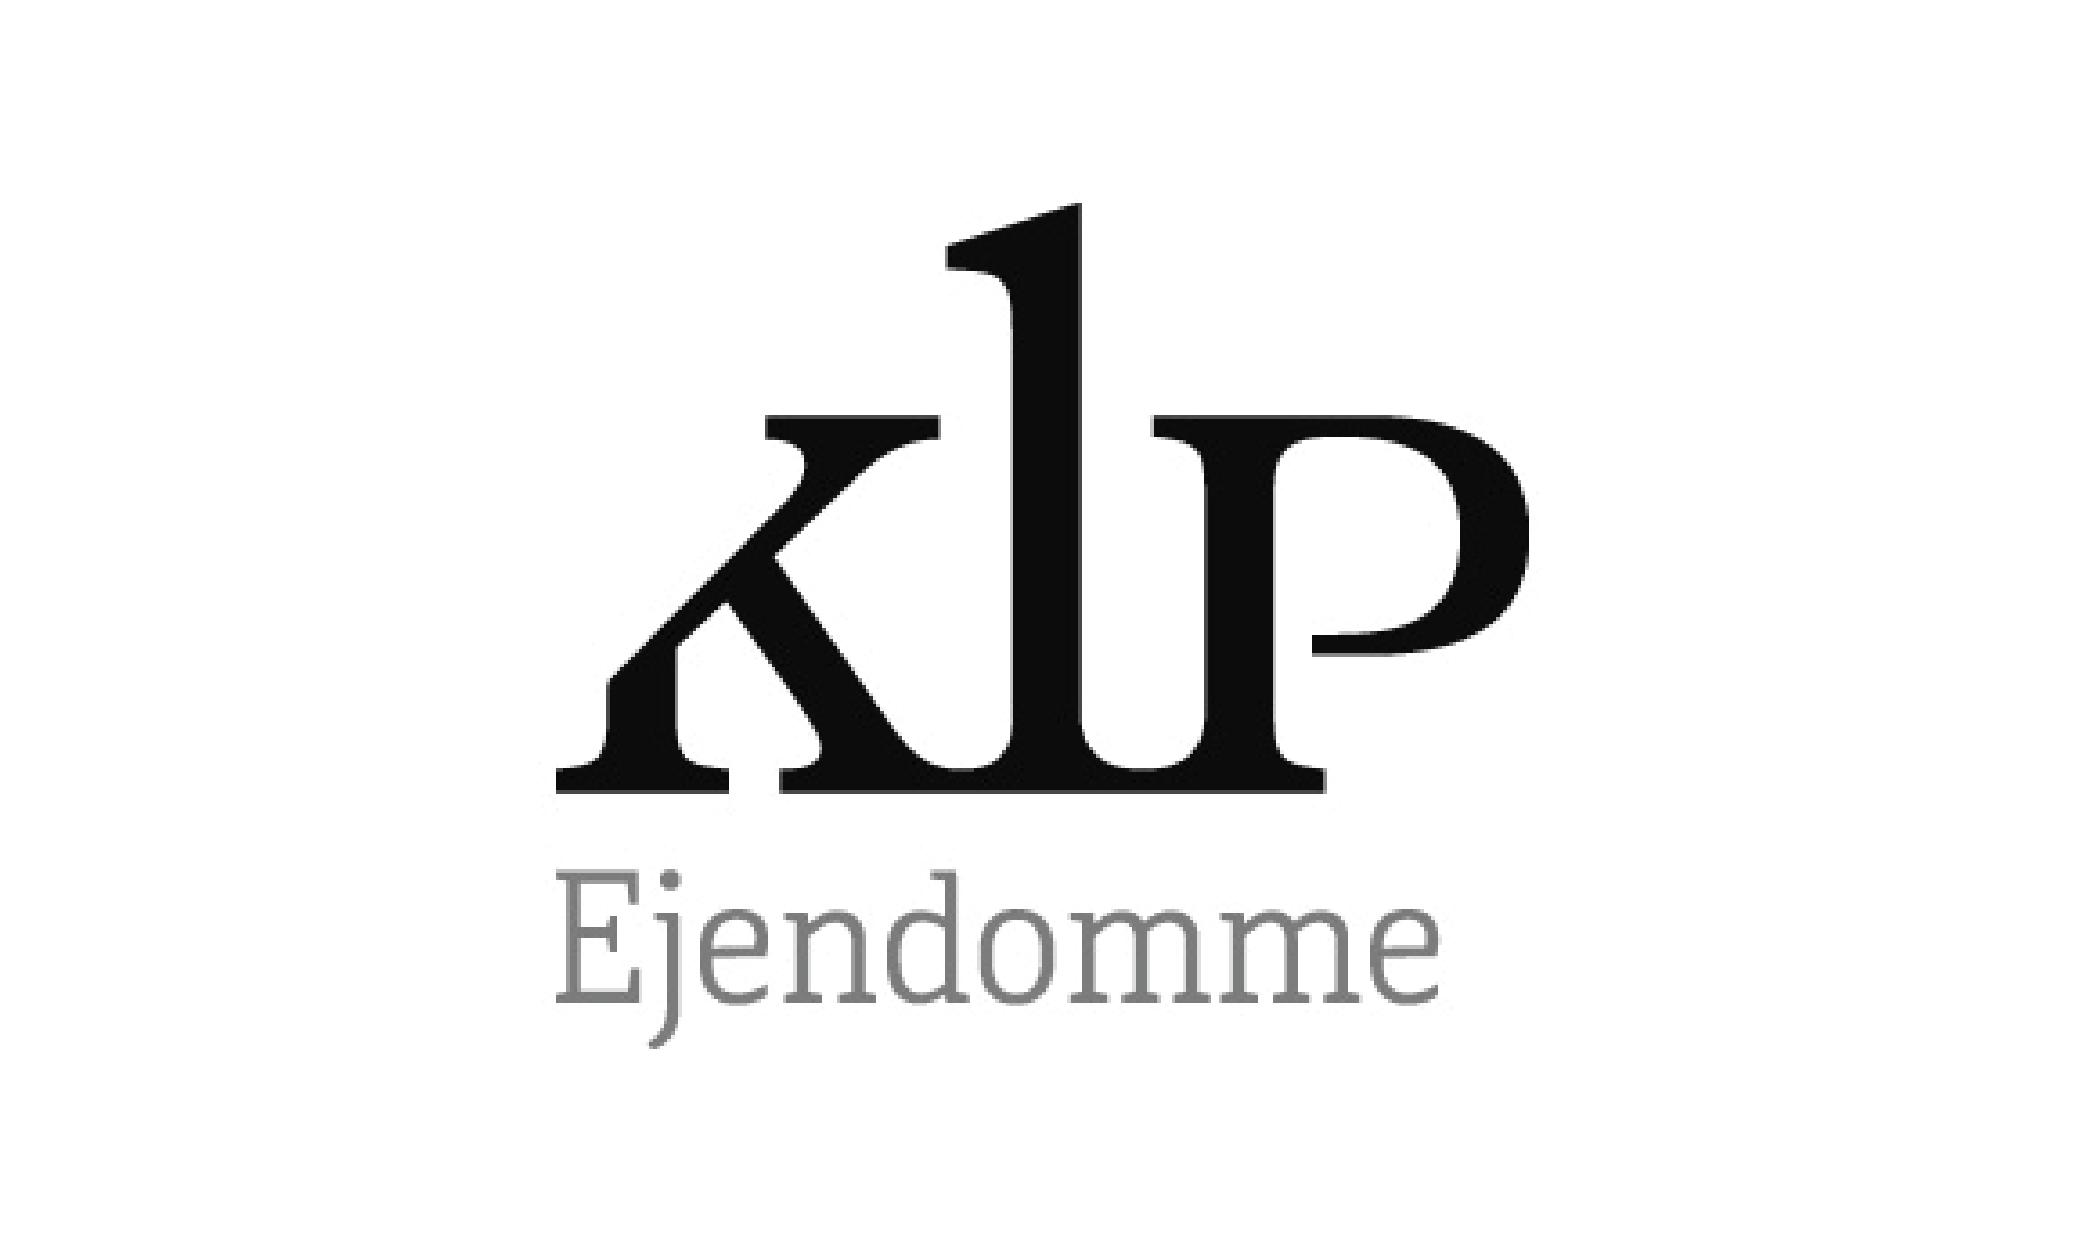 KLP Ejendomme, find dit Bizz Up Magasin, Distribution, find magasin, Bizz Up, Bizzup.dk